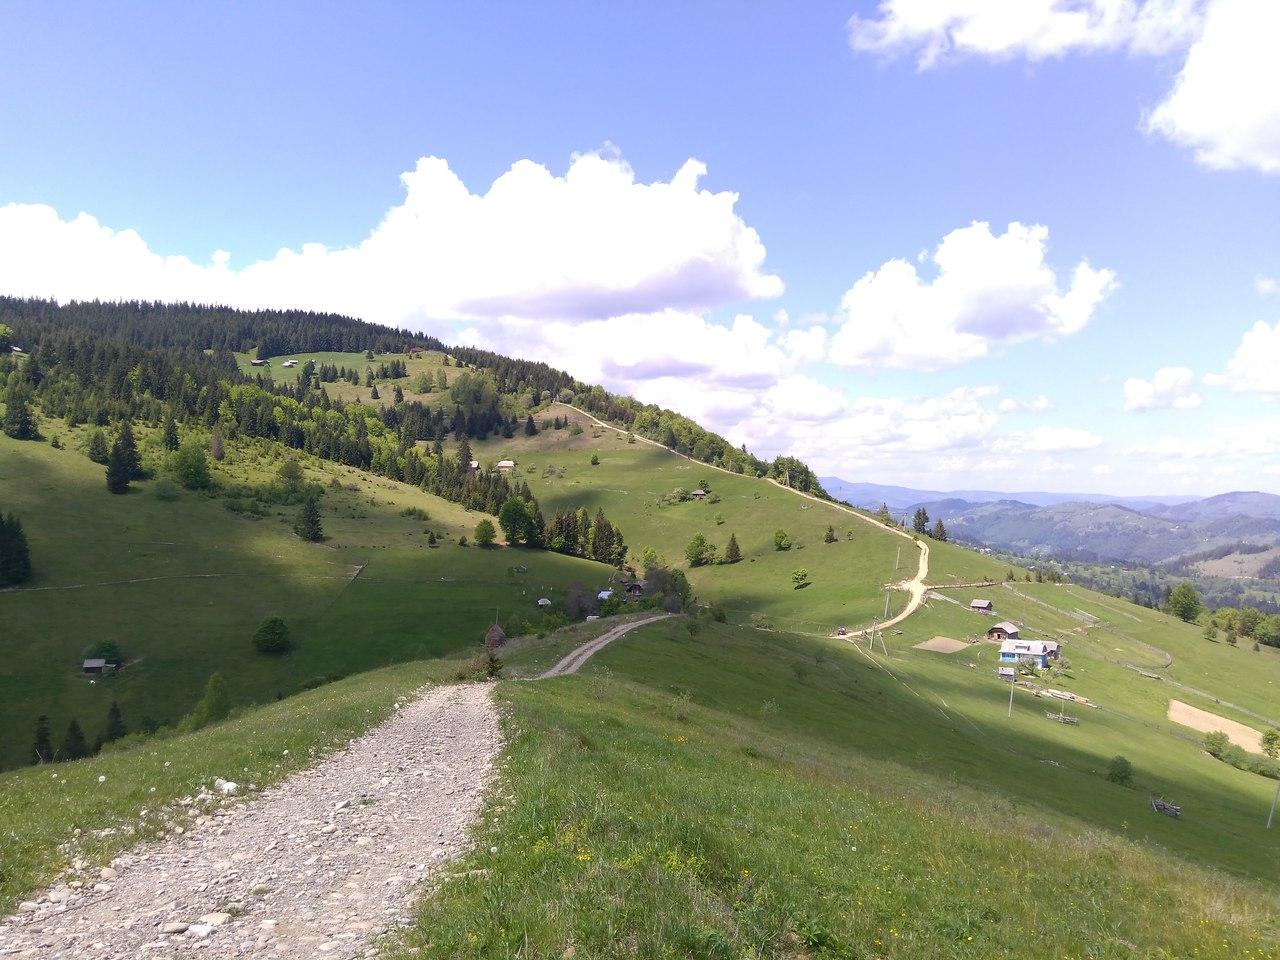 Aliexpress: Прорезиненный Vphone X3 или лучше гор могут быть только горы!